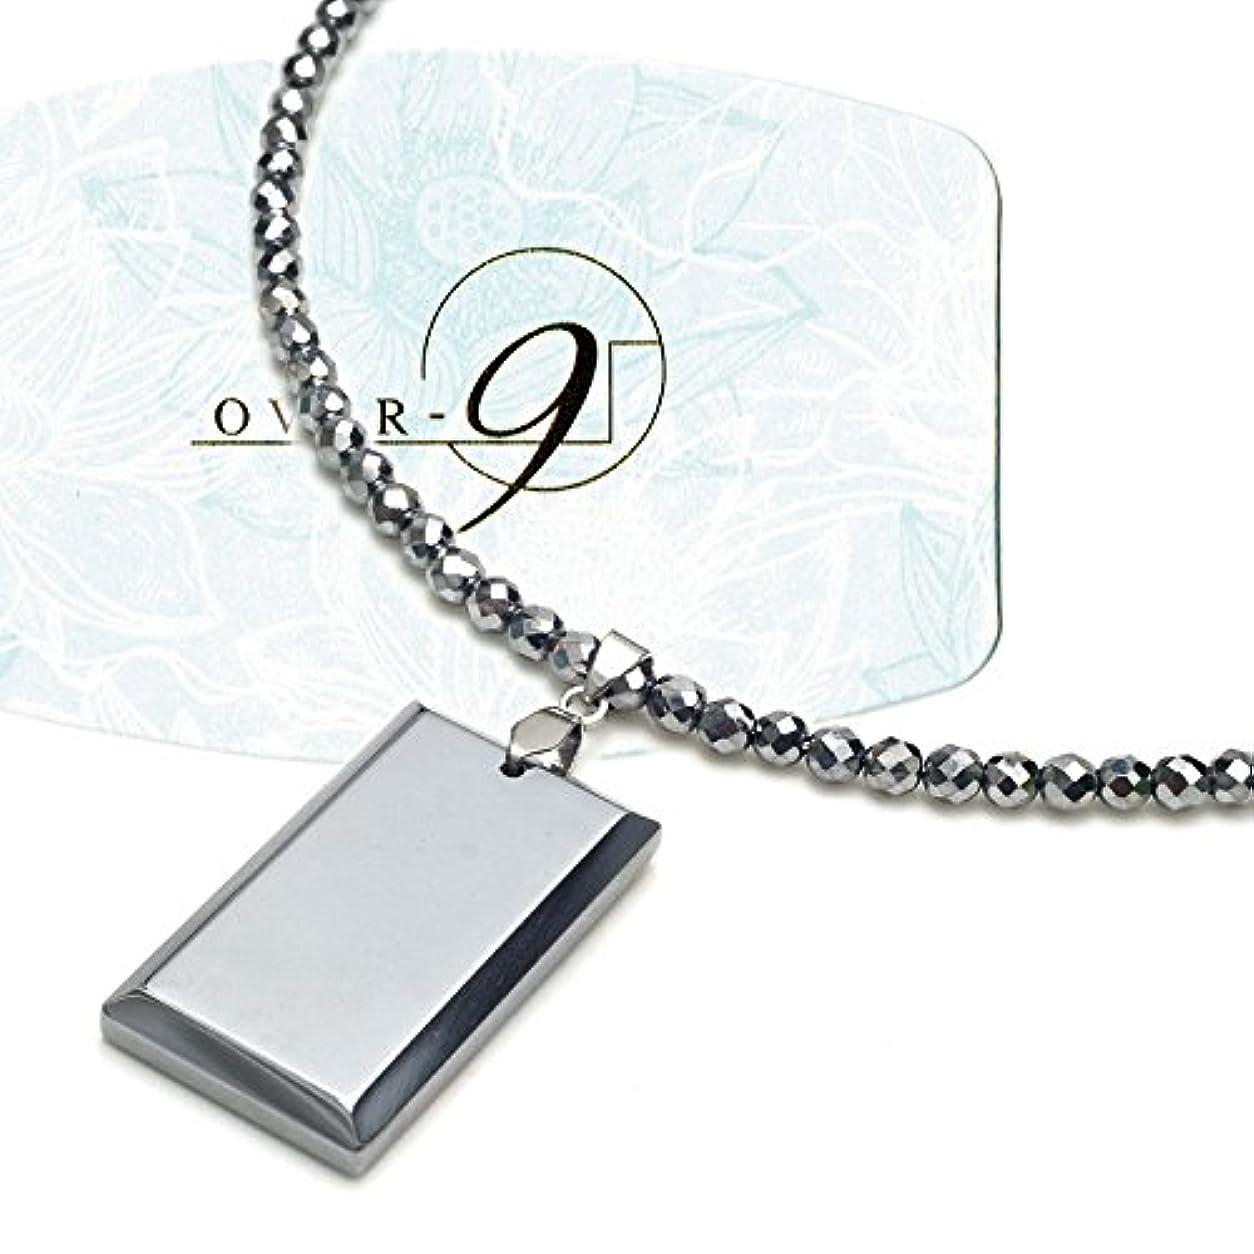 ゆるいそのような金銭的なテラヘルツ ネックレス 4mm 50cm ダイヤモンドカット スクエアペンダント付き! フック ステンレス製 本物保証 テラヘルツ鉱石 原石 パワーストーン 天然石 健康アクセサリー